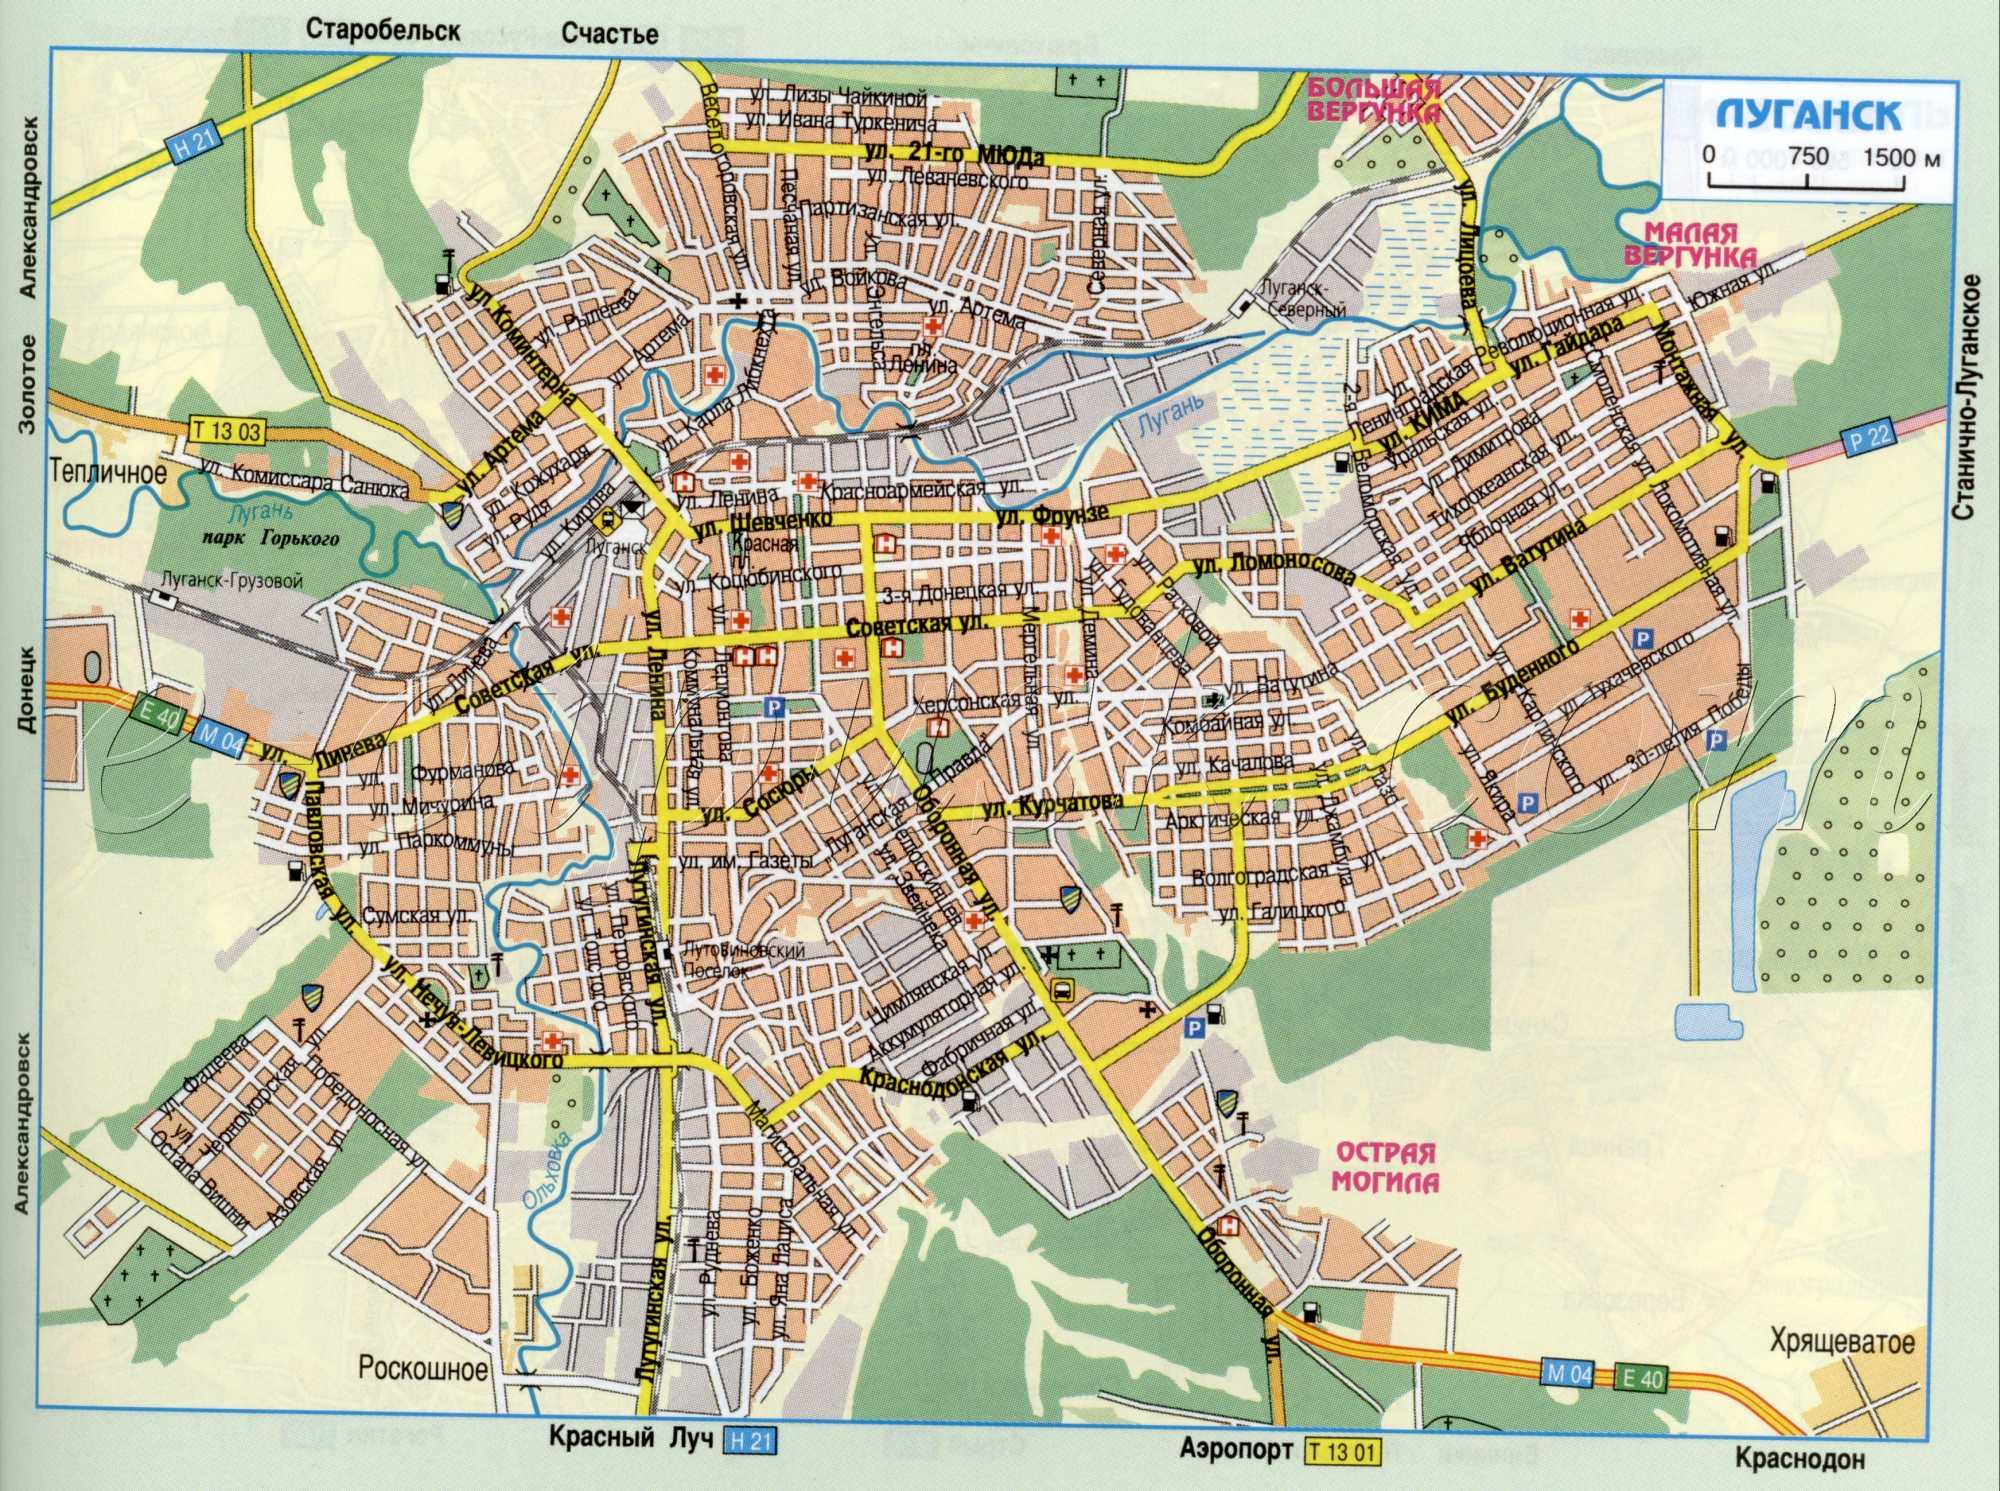 Схема города украины